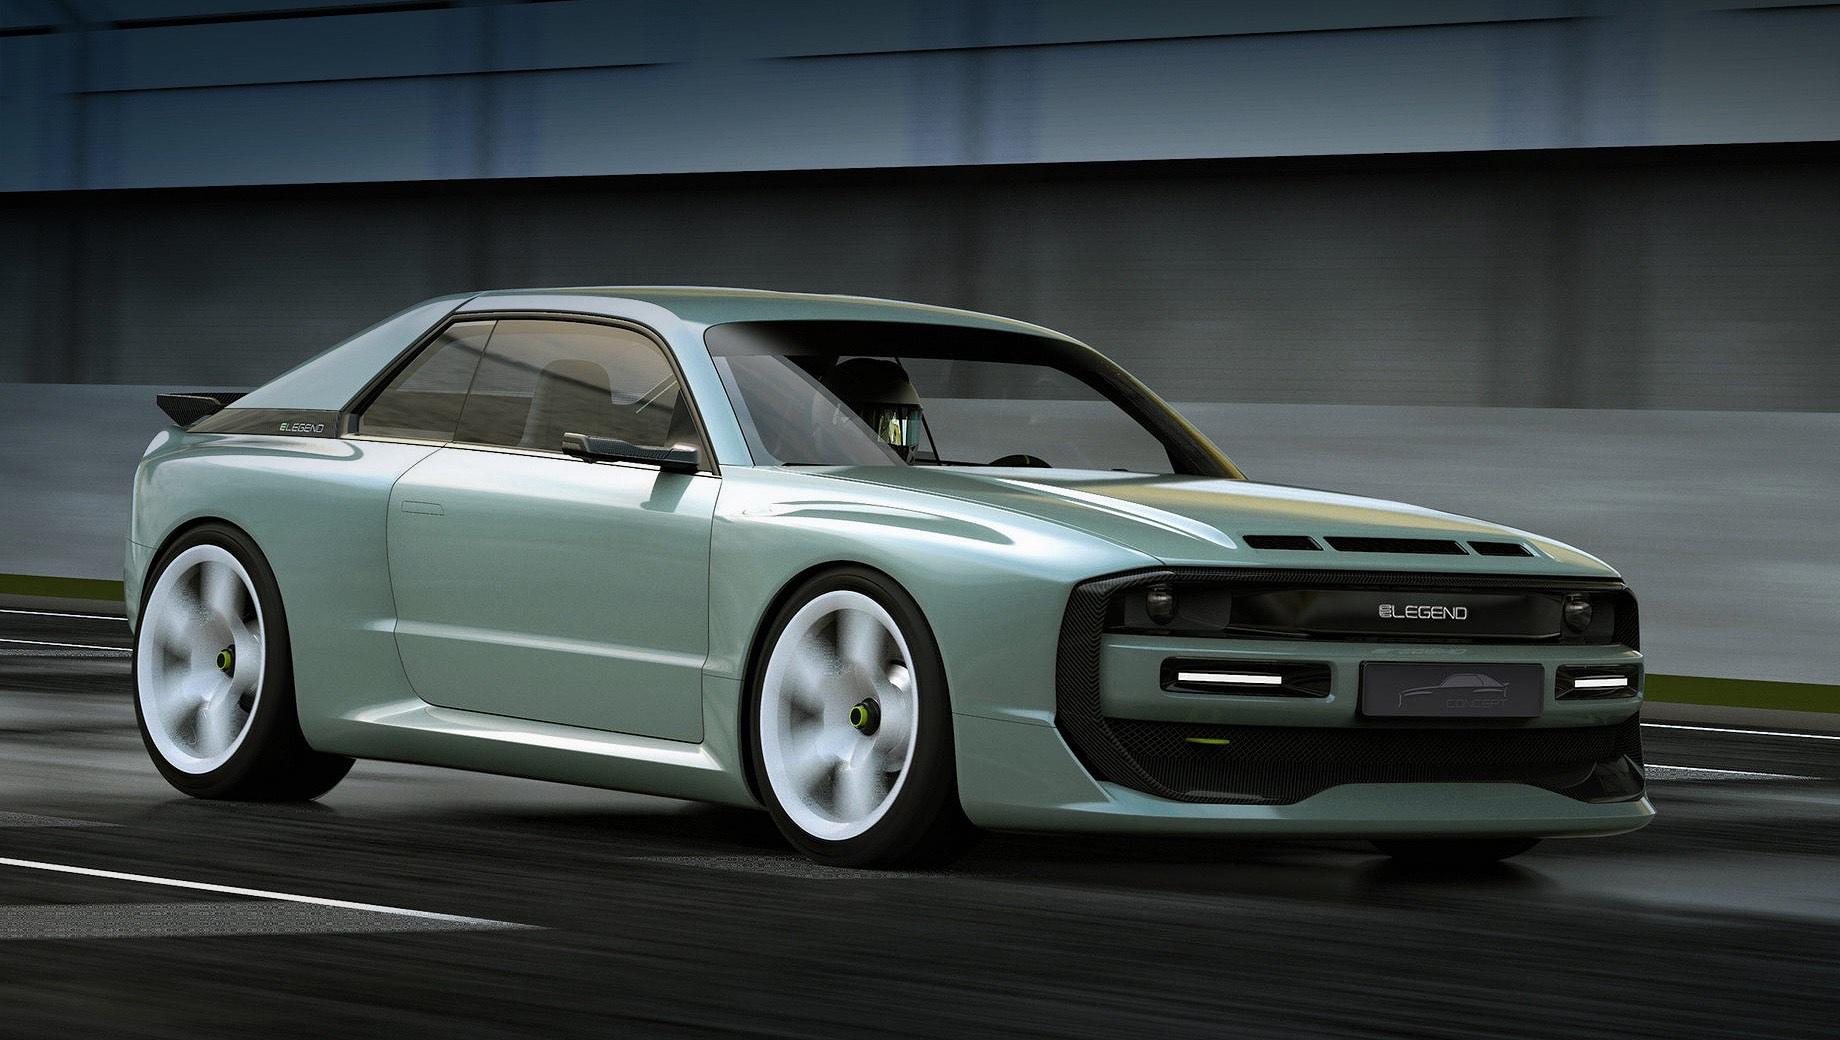 Audi quattro. Для основателя фирмы E-Legend Маркуса Хольцингера постройка современной интерпретации гоночной машины из 80-х — дело личного характера. Всё потому, что над разработкой оригинальной машины трудился его отец. Сам основатель немецкого стартапа отметился работой дизайнера в Фольксвагене.